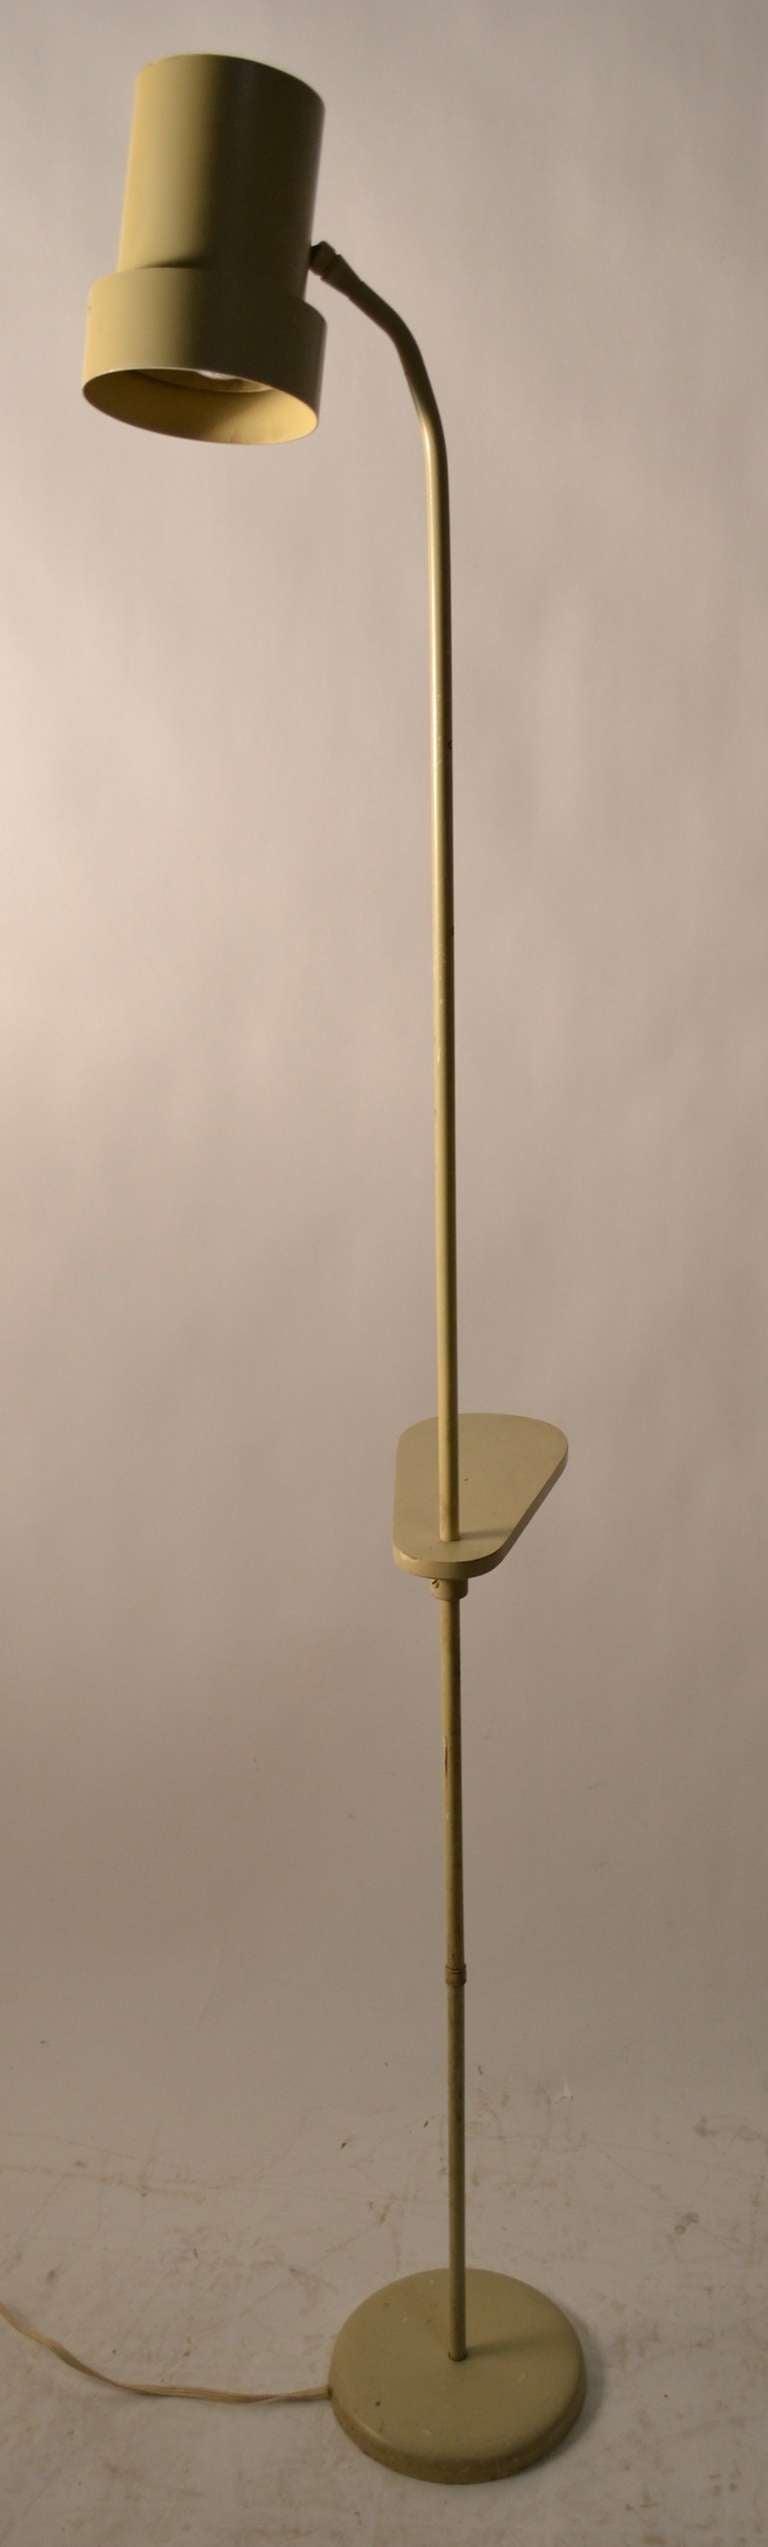 this unusual possibly unique adjustable floor lamp is no longer